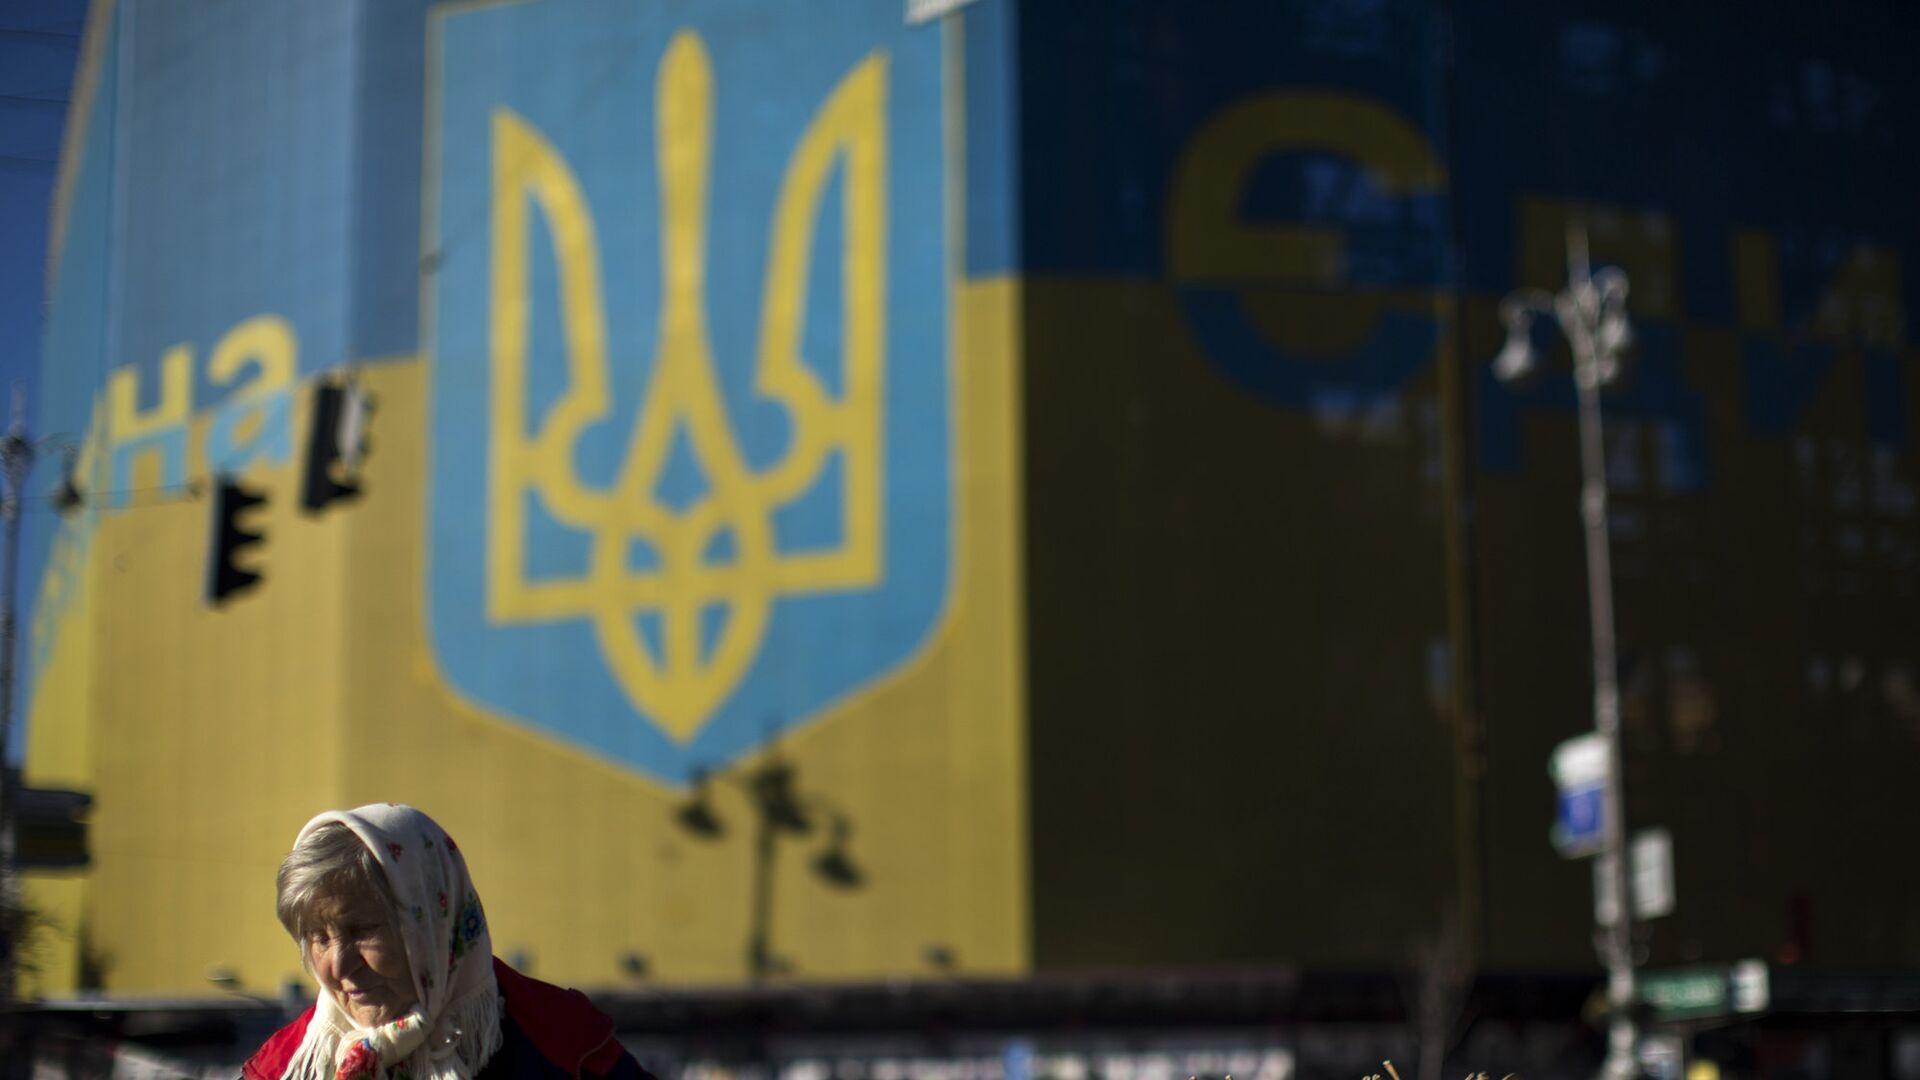 Жительница Украины продает овощи на Площади Независимости в Киеве. 2014 год - РИА Новости, 1920, 17.07.2021